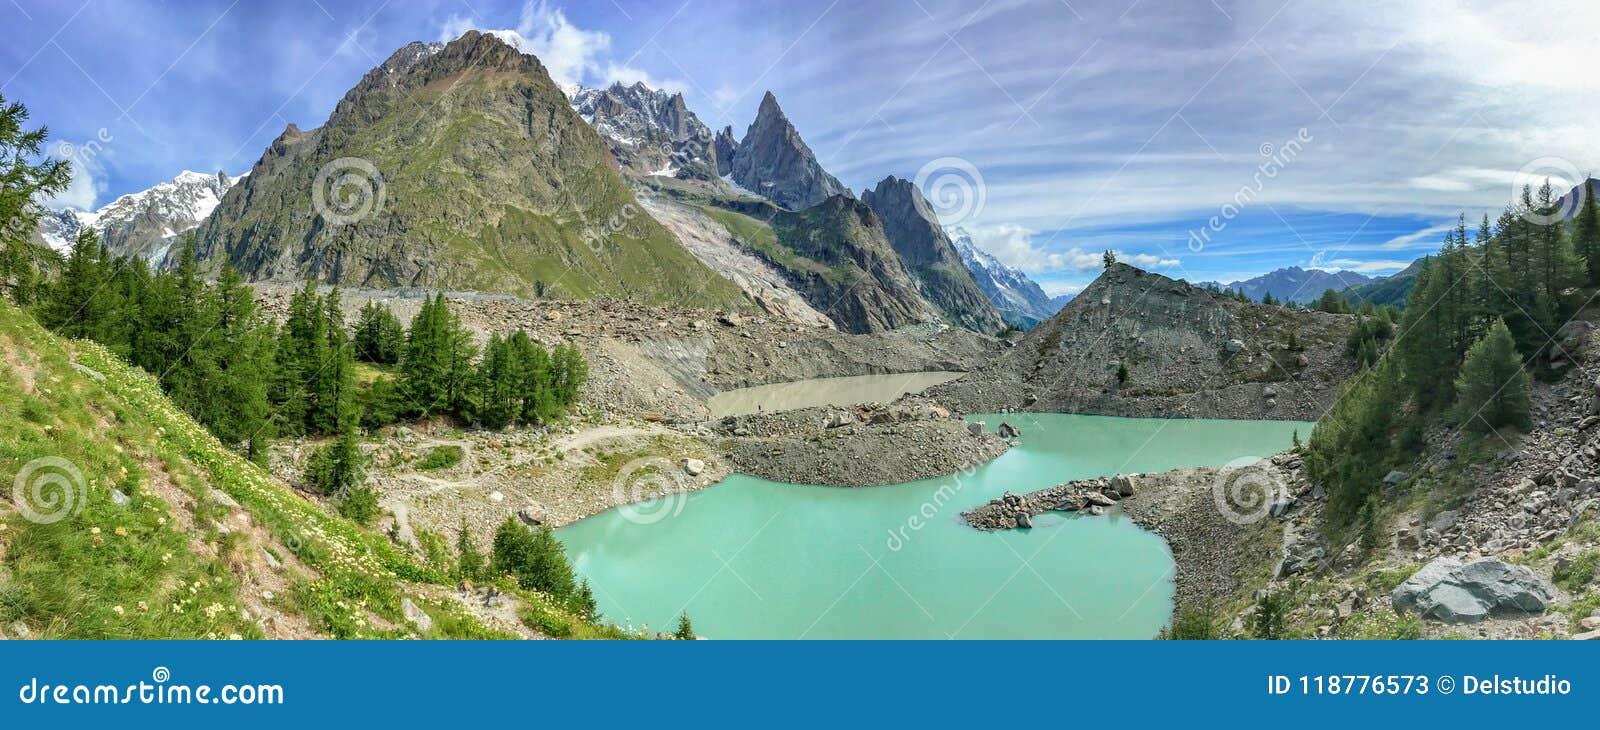 Lac du Miage Miage lake, Aosta Valley Italy